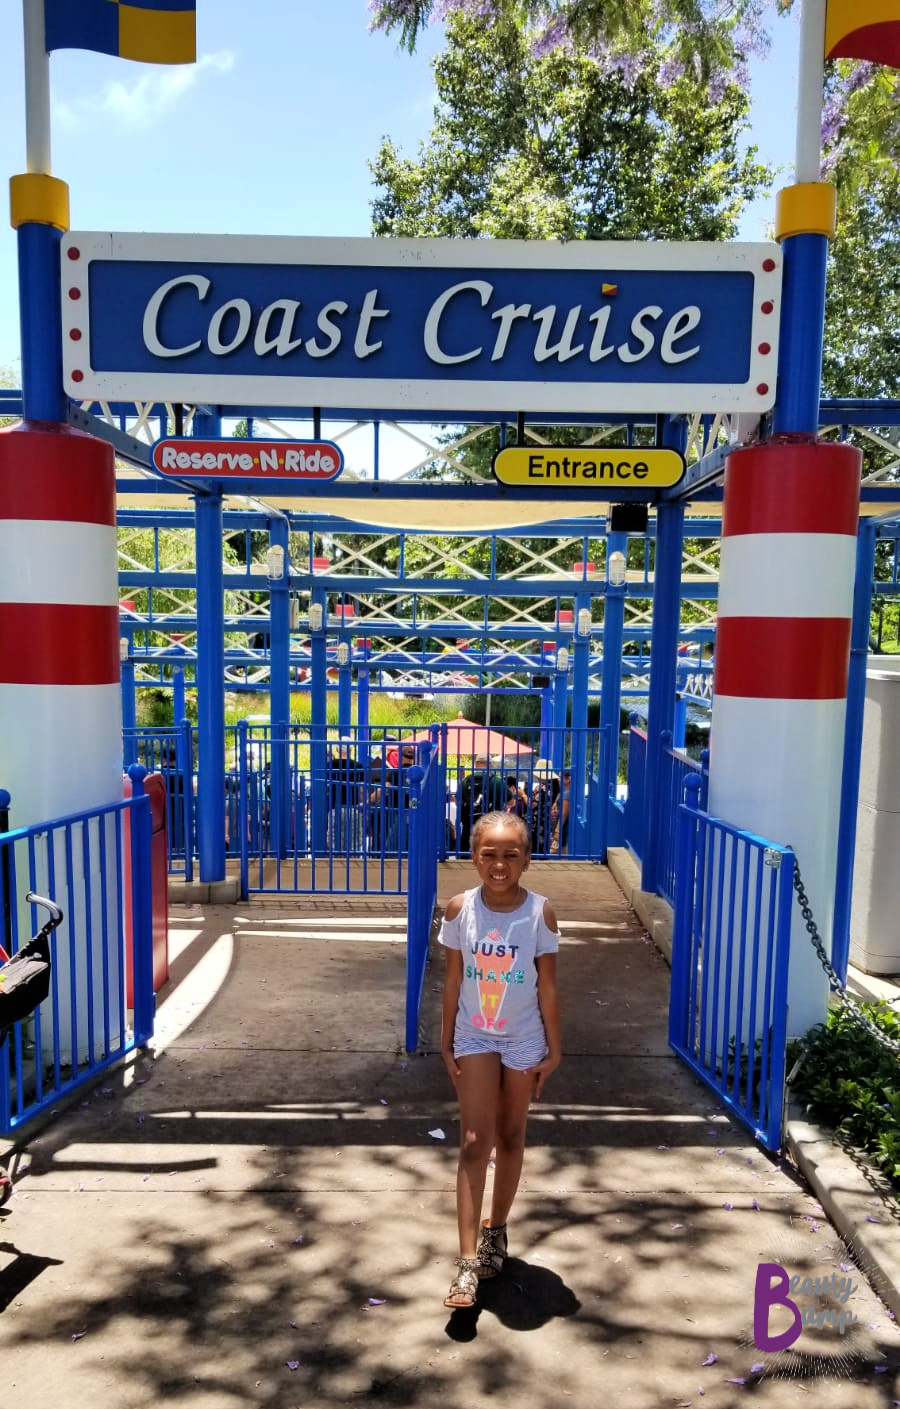 LEGOLAND California_Coast Cruise.jpeg